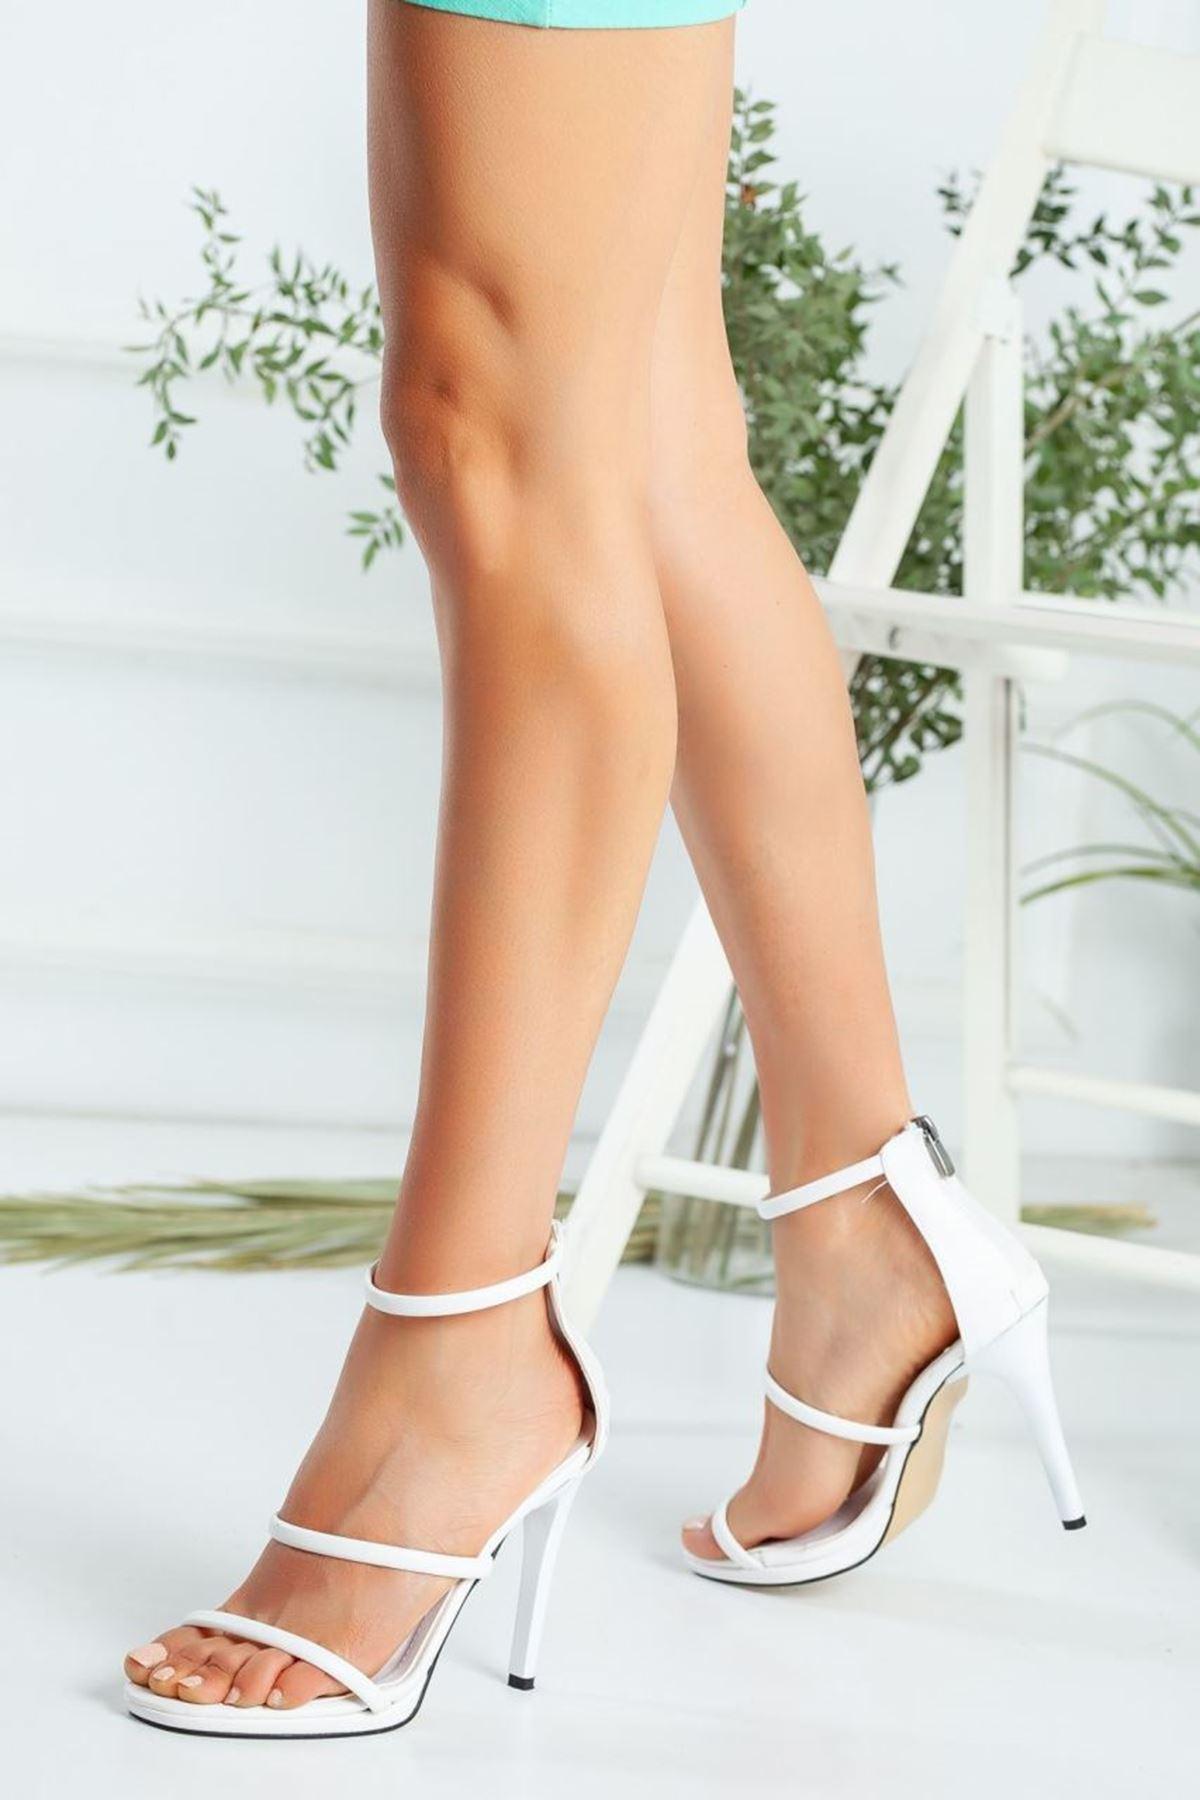 Kadın Melus Mat Deri İnce Bant Detaylı Yüksek Topuklu Beyaz